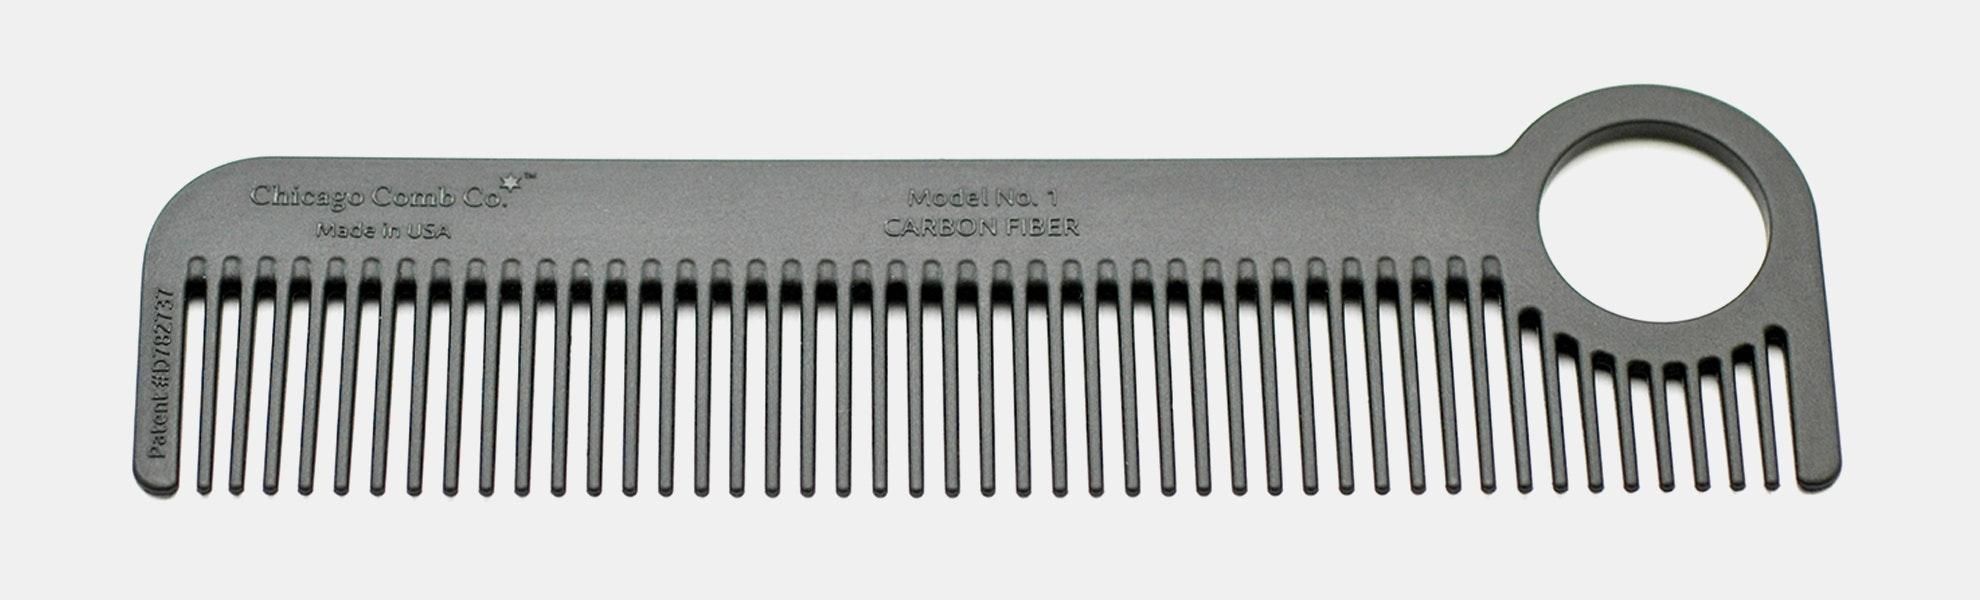 Chicago Comb Co. Carbon Fiber Combs